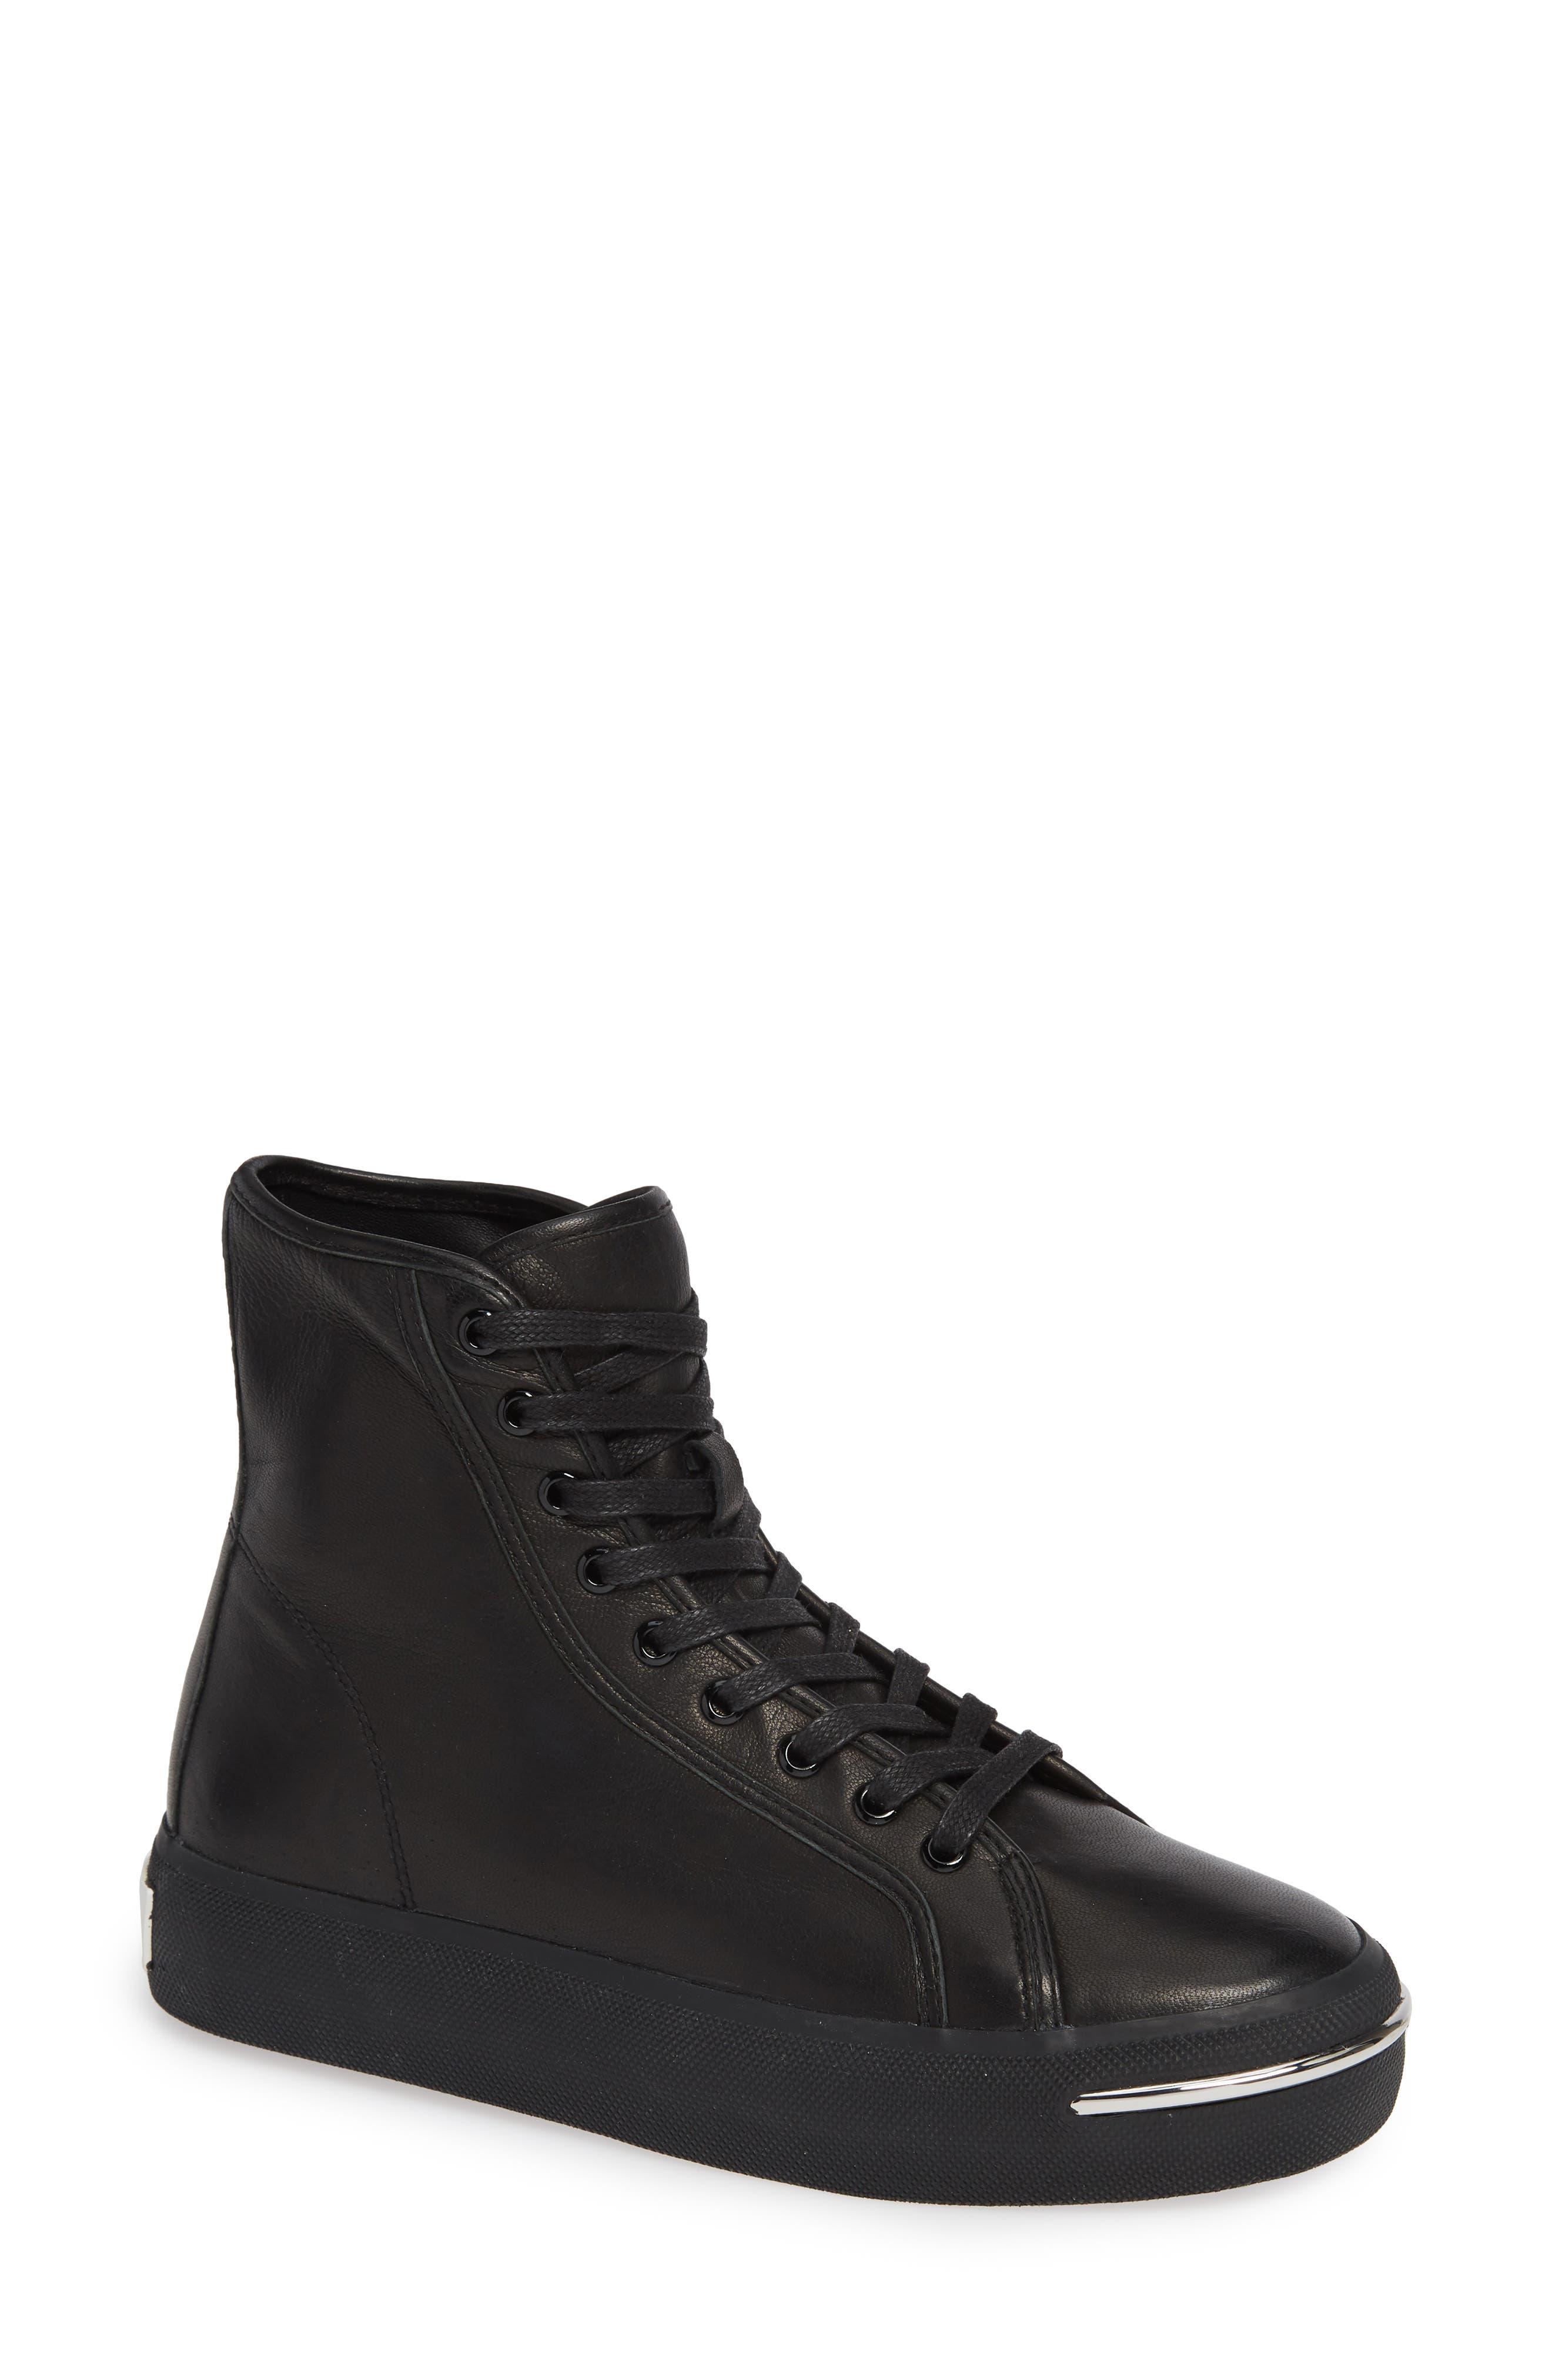 ALEXANDER WANG Pia High Top Sneaker, Main, color, BLACK